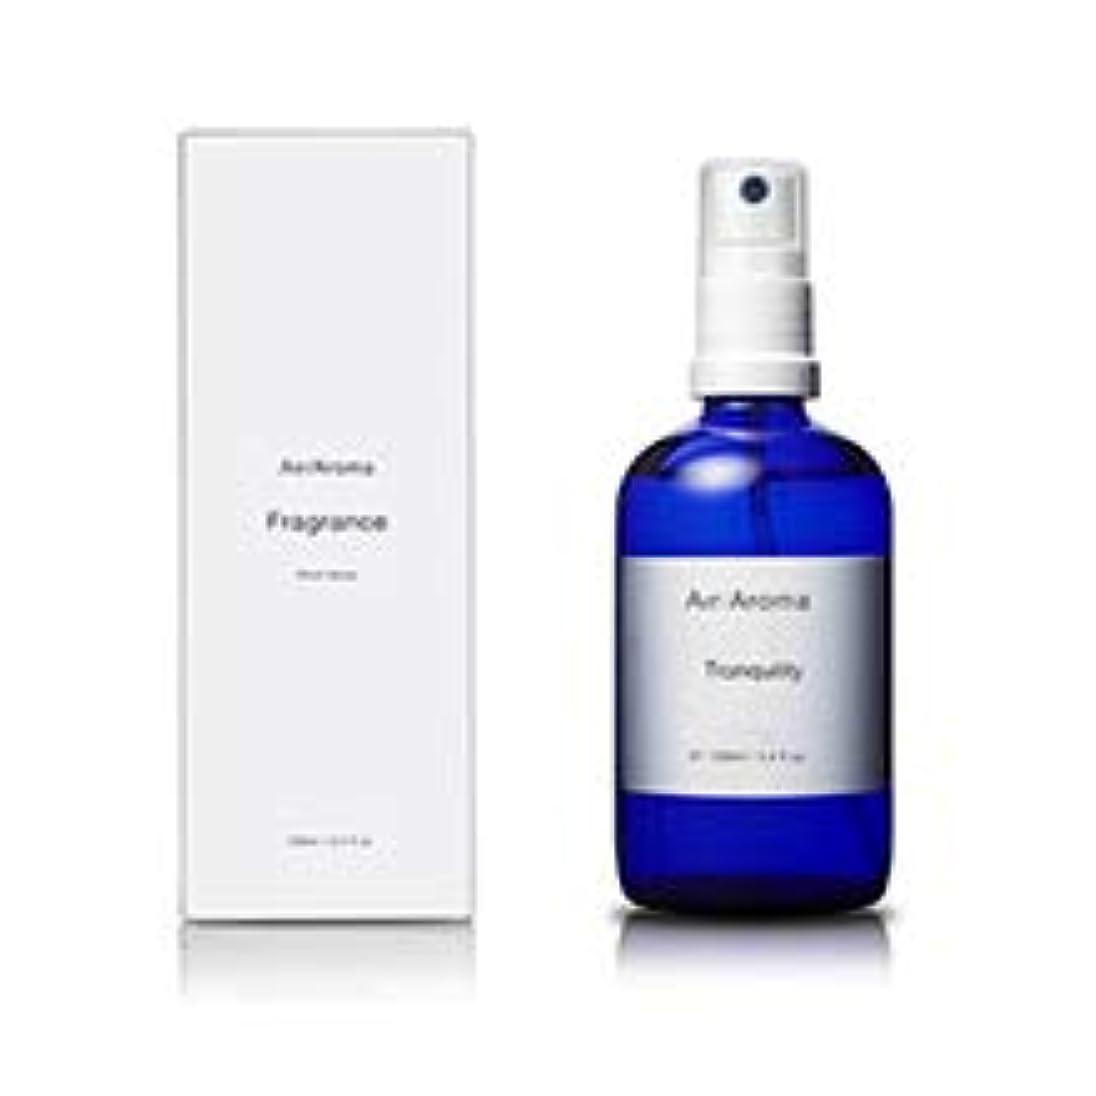 エアアロマ tranquility room fragrance (トランキリティー ルームフレグランス) 100ml